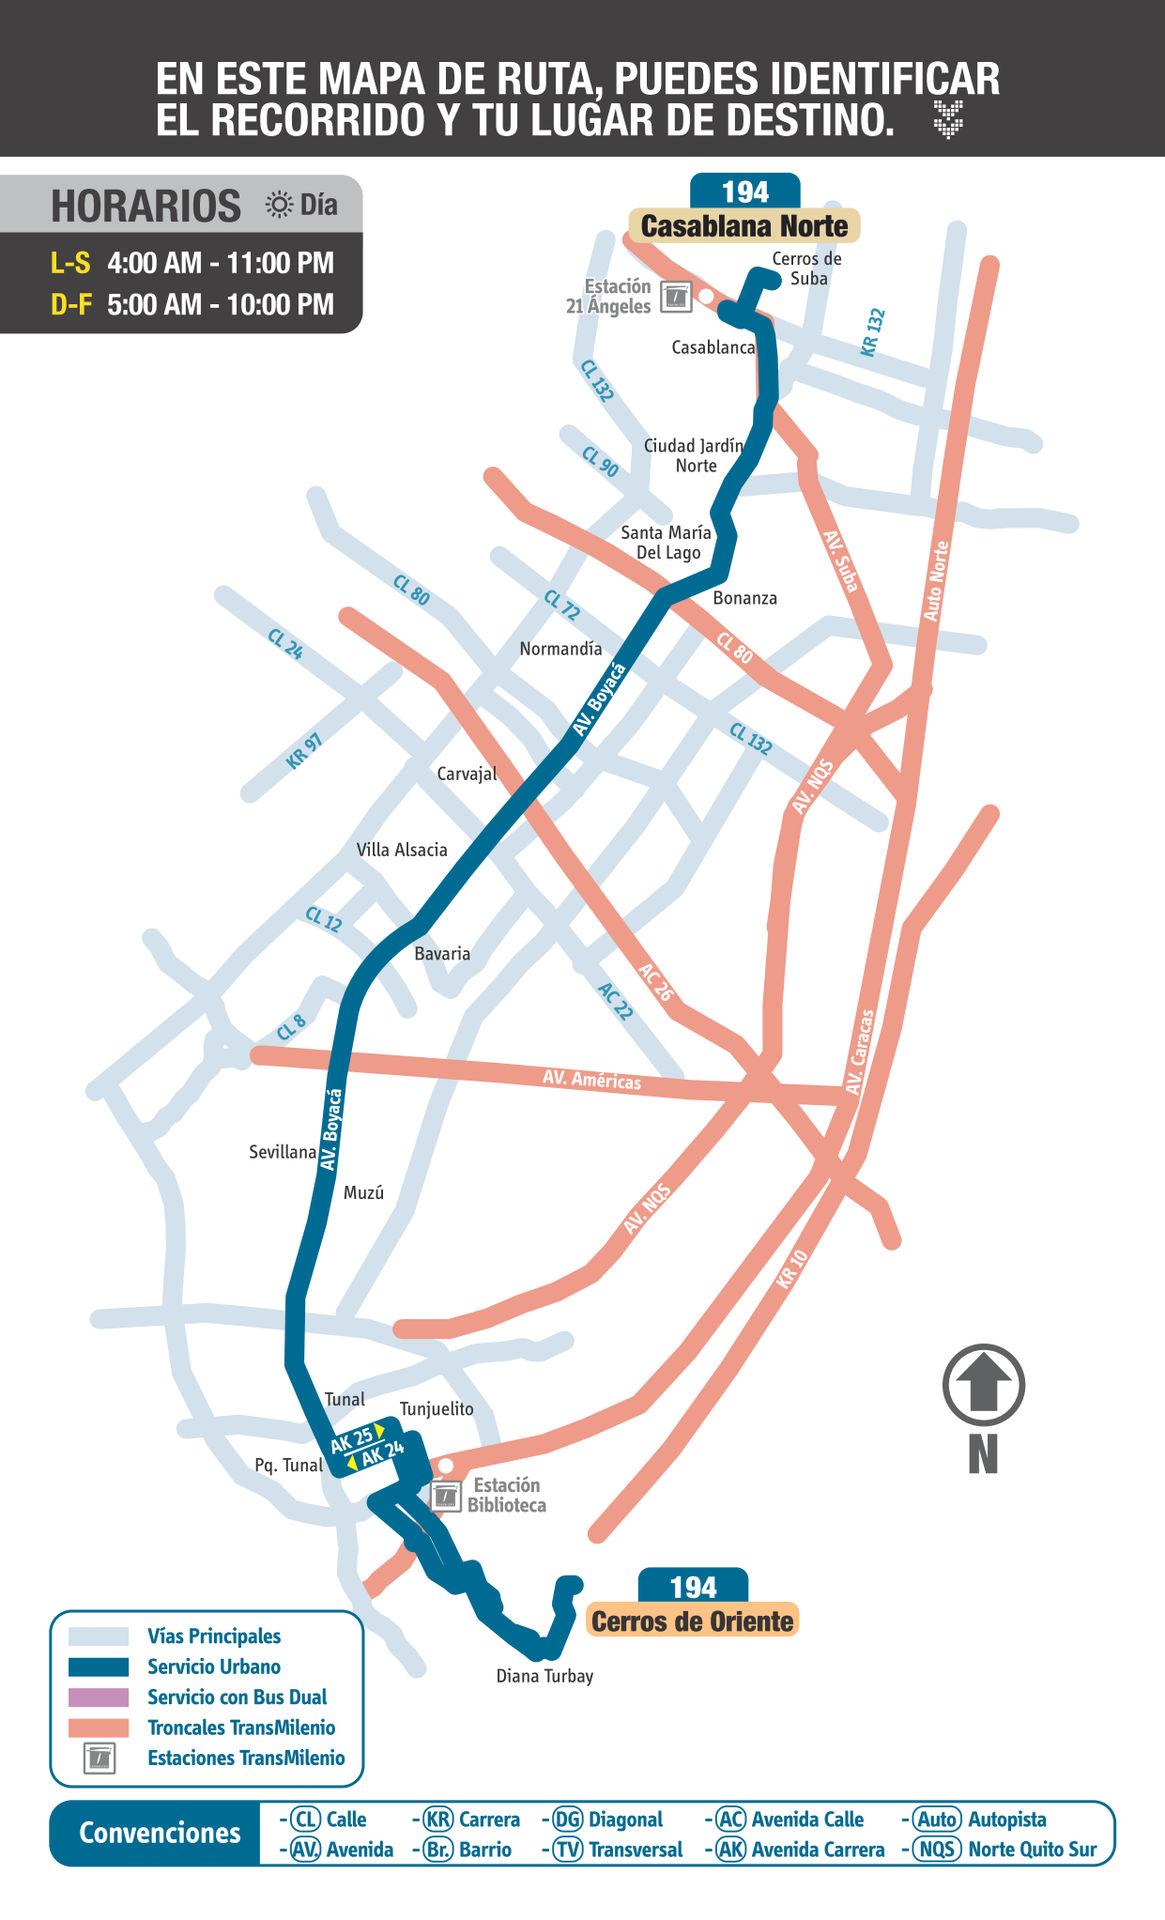 Ruta SITP: 194 Casa Blanca Norte ↔ Cerros Oriente [Urbana] 7